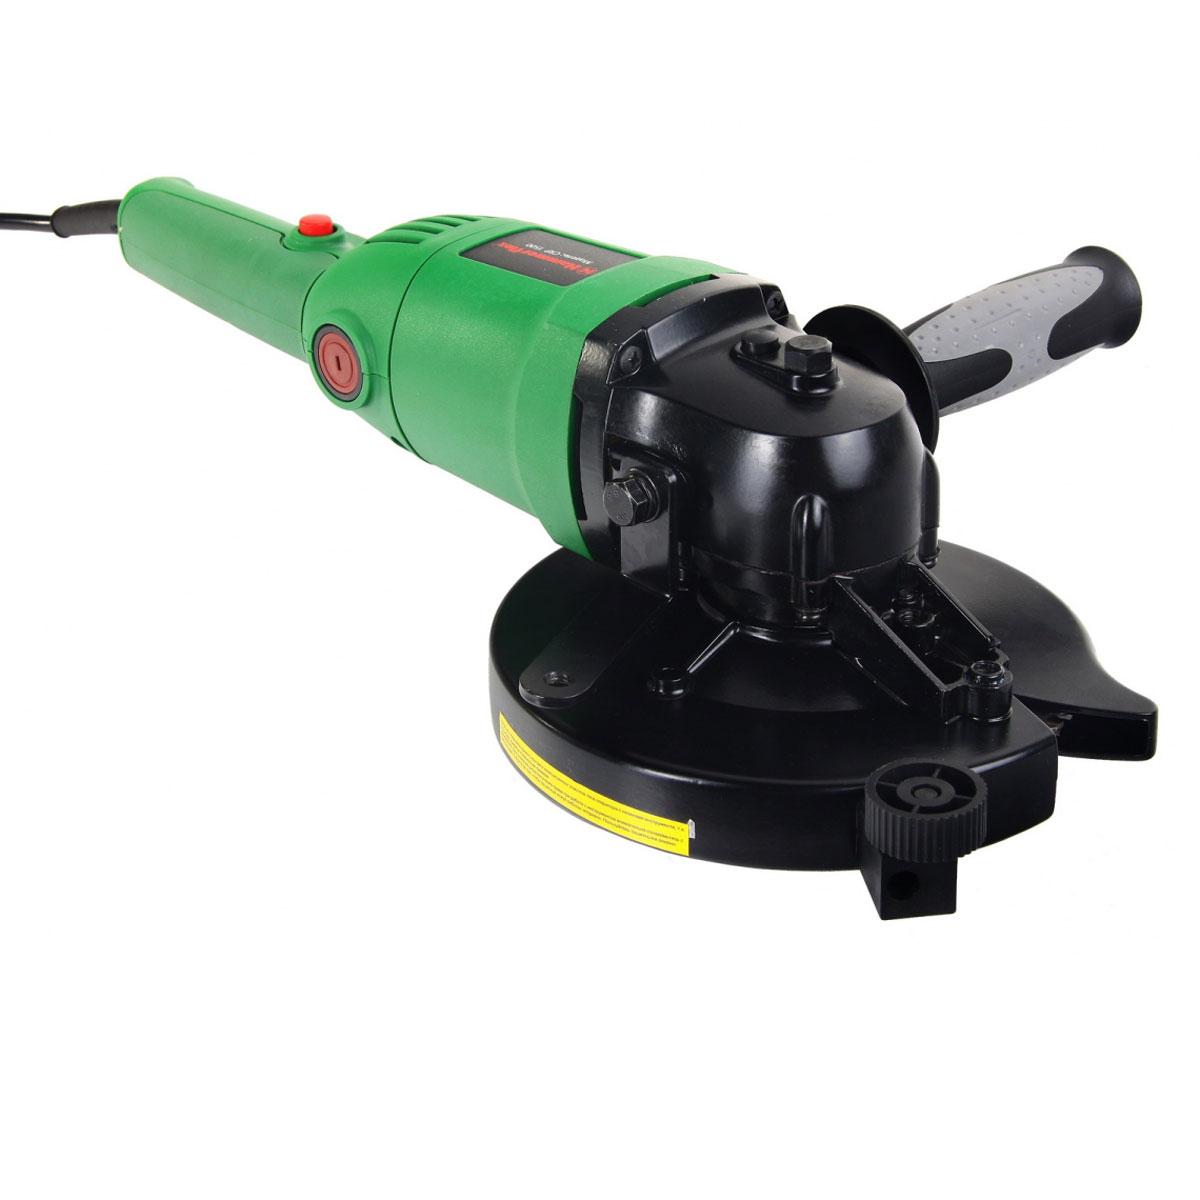 Циркулярная двухдисковая пила Hammer 6639866398Если вам приходится часто пилить дерево, задумайтесь о покупке электрической циркулярной пилы. Hammer CRP1500 (по принципу работы) напоминает цепную пилу. С ее помощью удобно проводить быстрые резы: отпиливать сучья; раскраивать доски; Можно работать вблизи стен, ограждений и т.д. (за счет компактной конструкции легко работать). Подвижные диски — это высокая маневренность инструмента. Угол их наклона регулируется — работа с пилой комфортна в любом пространственном положении.м В отличие от болгарки или цепной пилы, у данной модели усиленная защита. Пильный диск почти полностью закрыт кожухом с возвратным механизмом – при отдаче оператор защищен от травм.м Для дополнительной защиты пользователя предусмотрена система безопасного включения (пусковой курок активируется после снятия предохранителя).